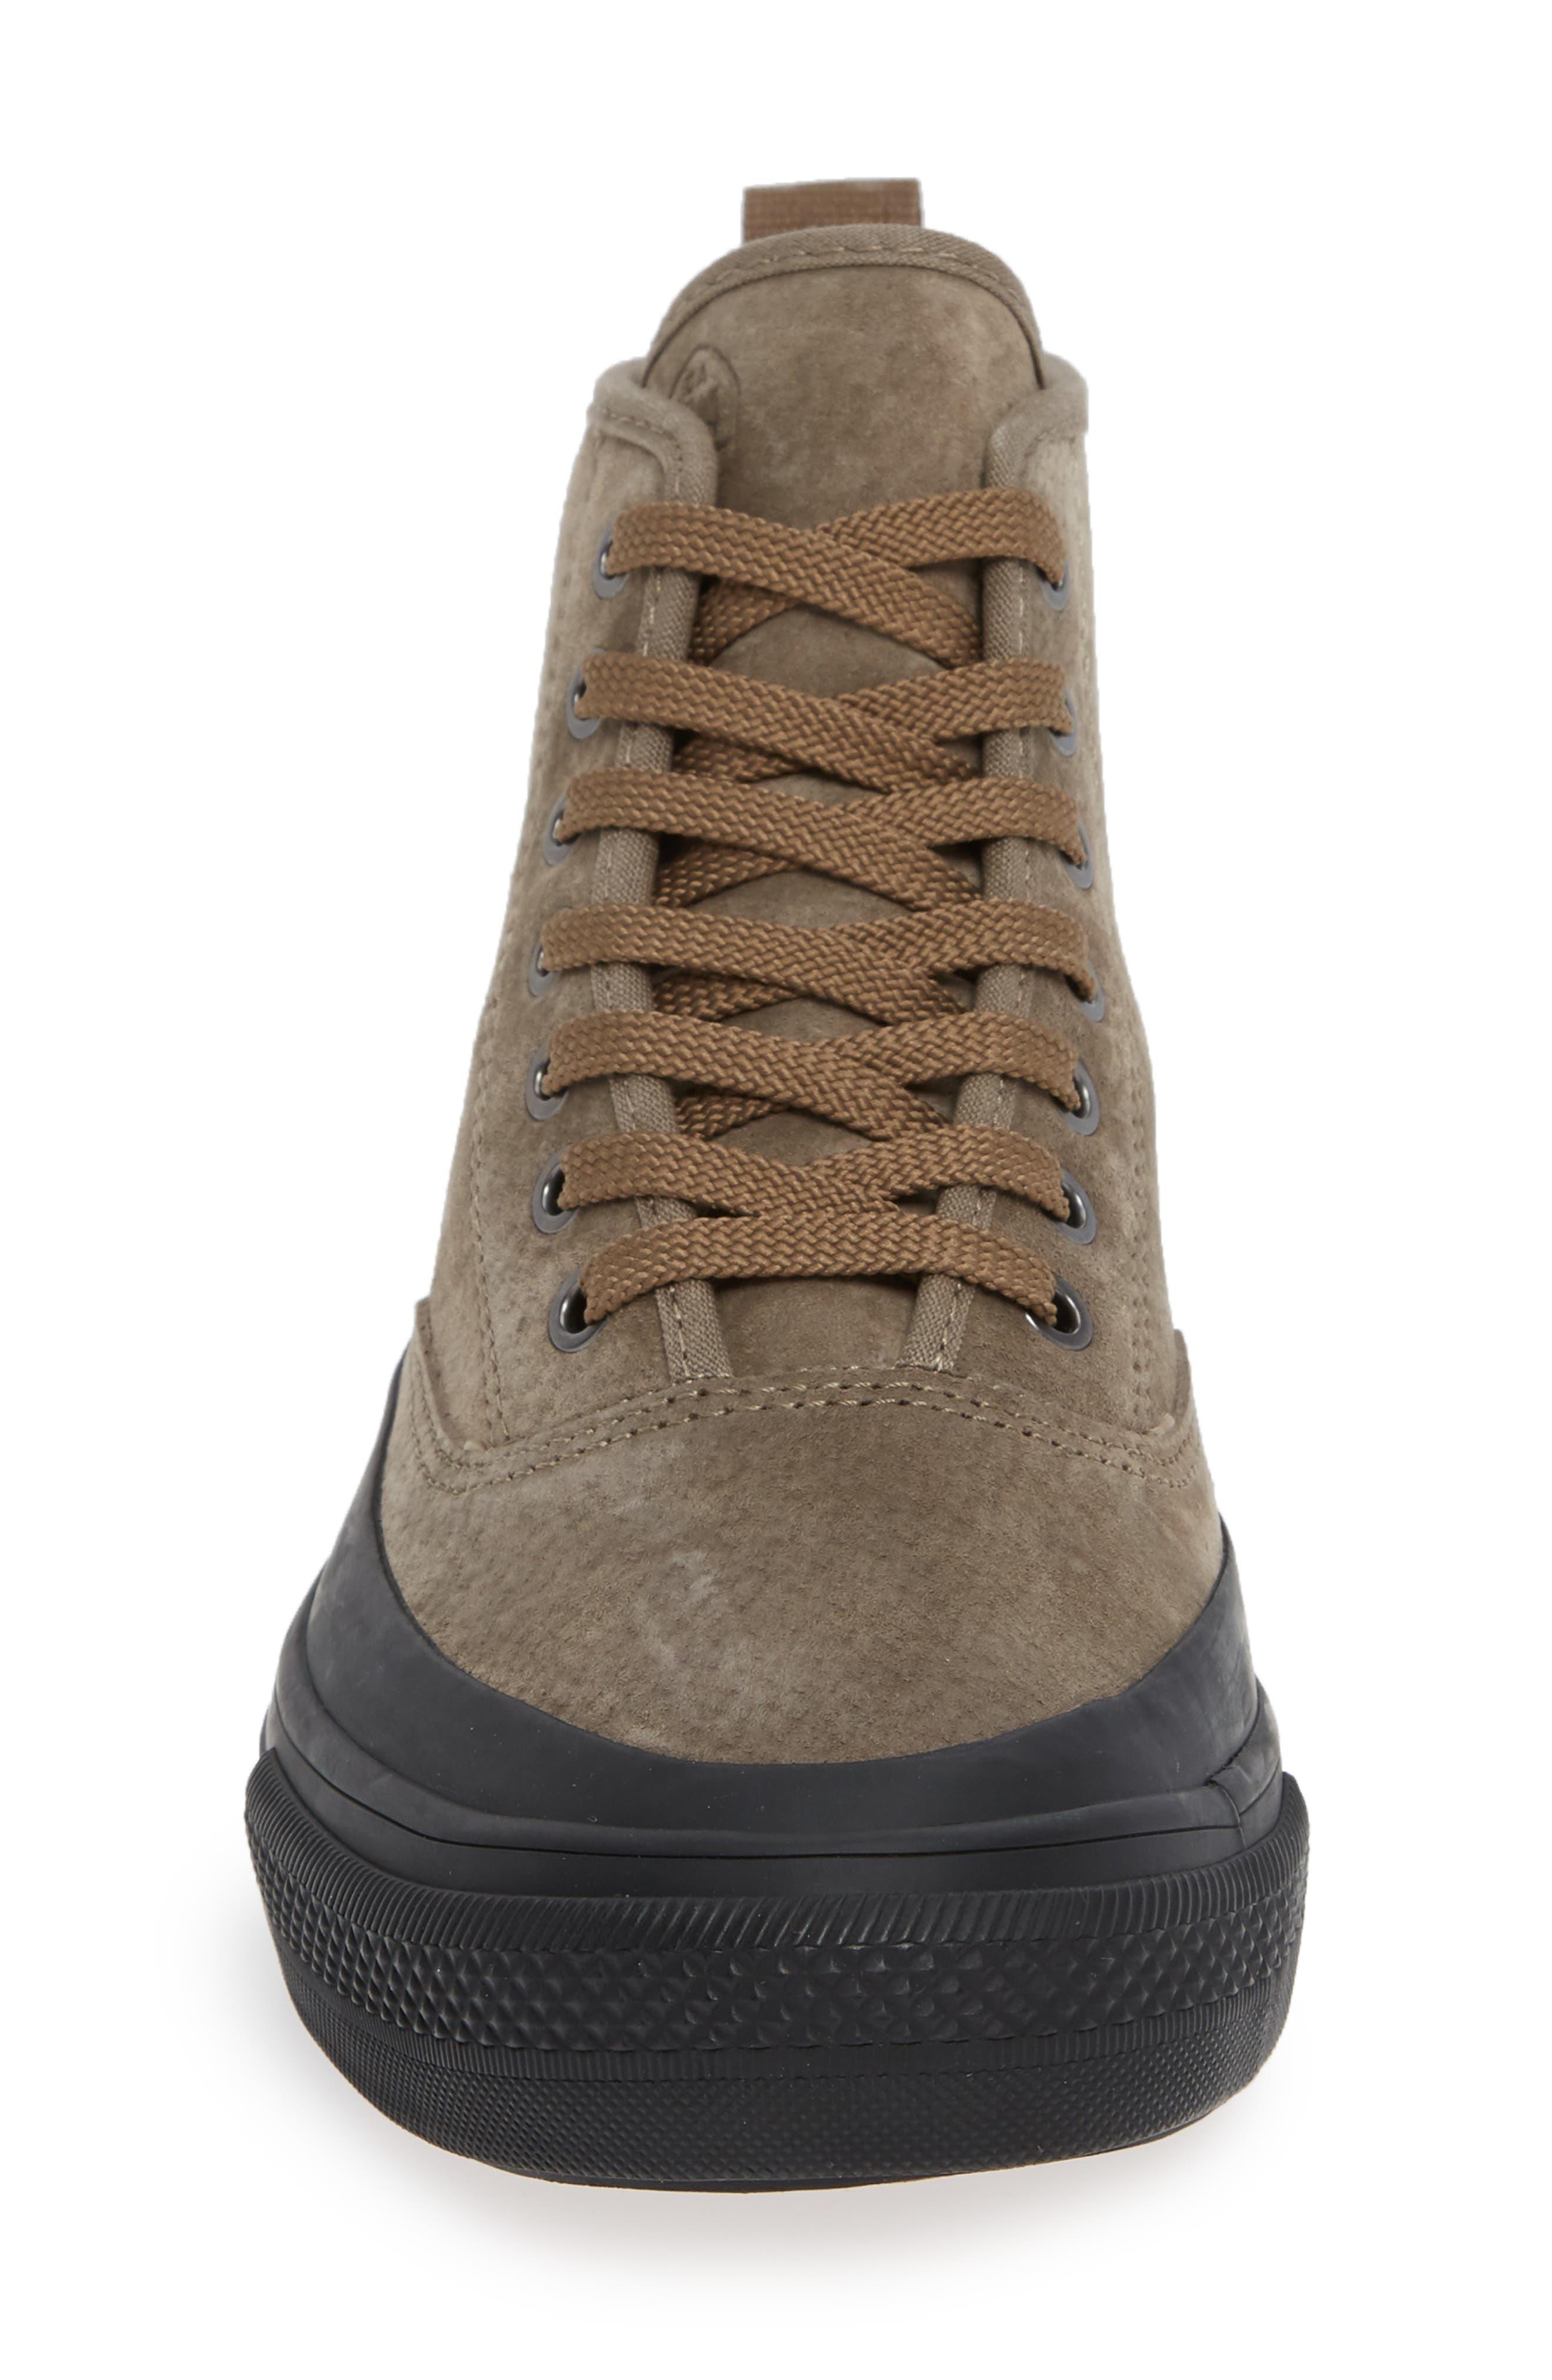 Mariners Waterproof Sneaker,                             Alternate thumbnail 4, color,                             BROWN SUEDE